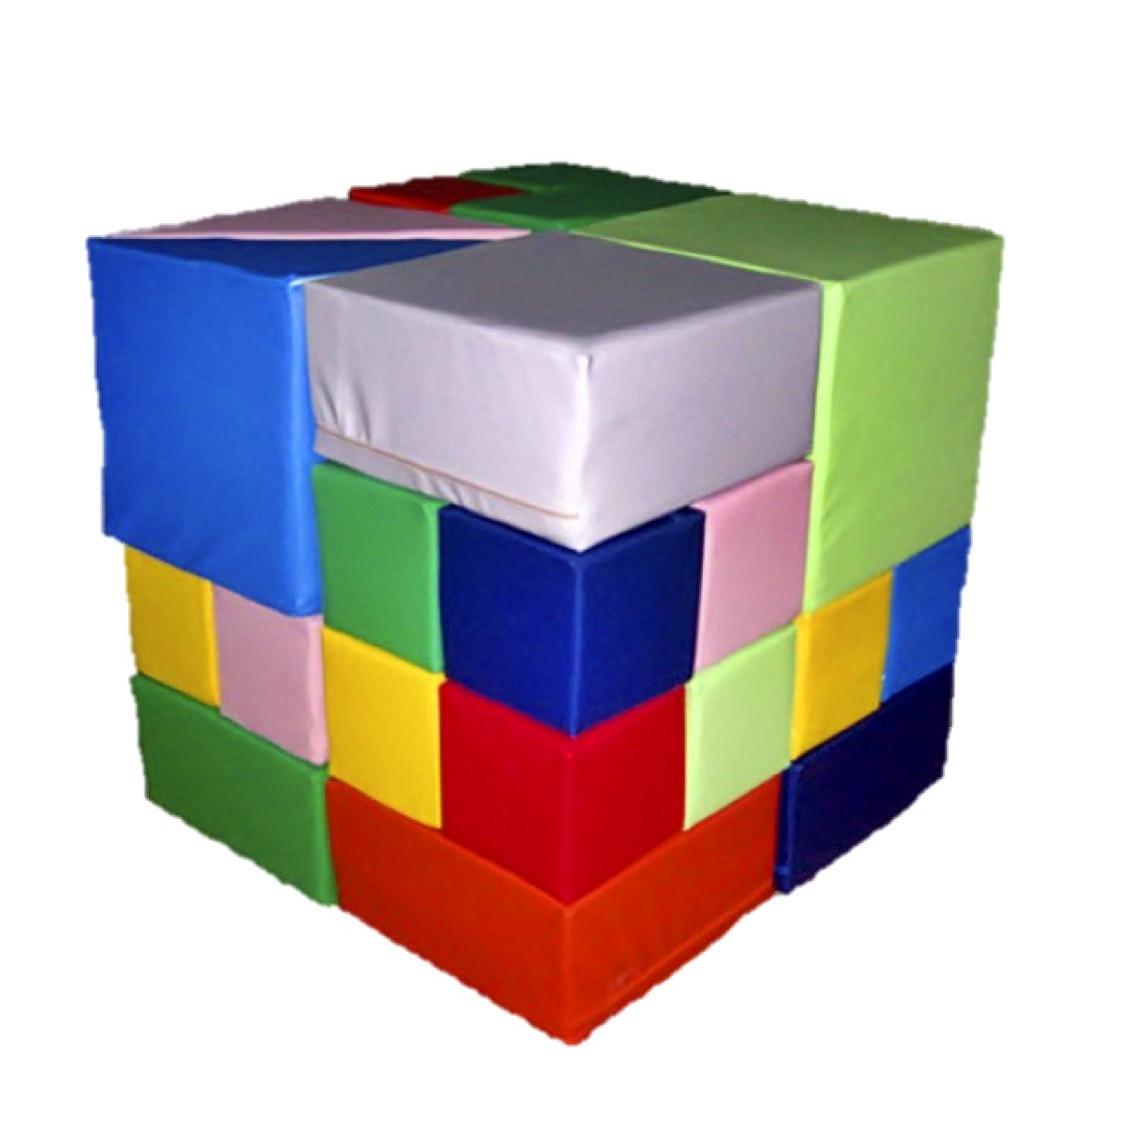 М'який конструктор Кубик Рубіка, 28 ел.